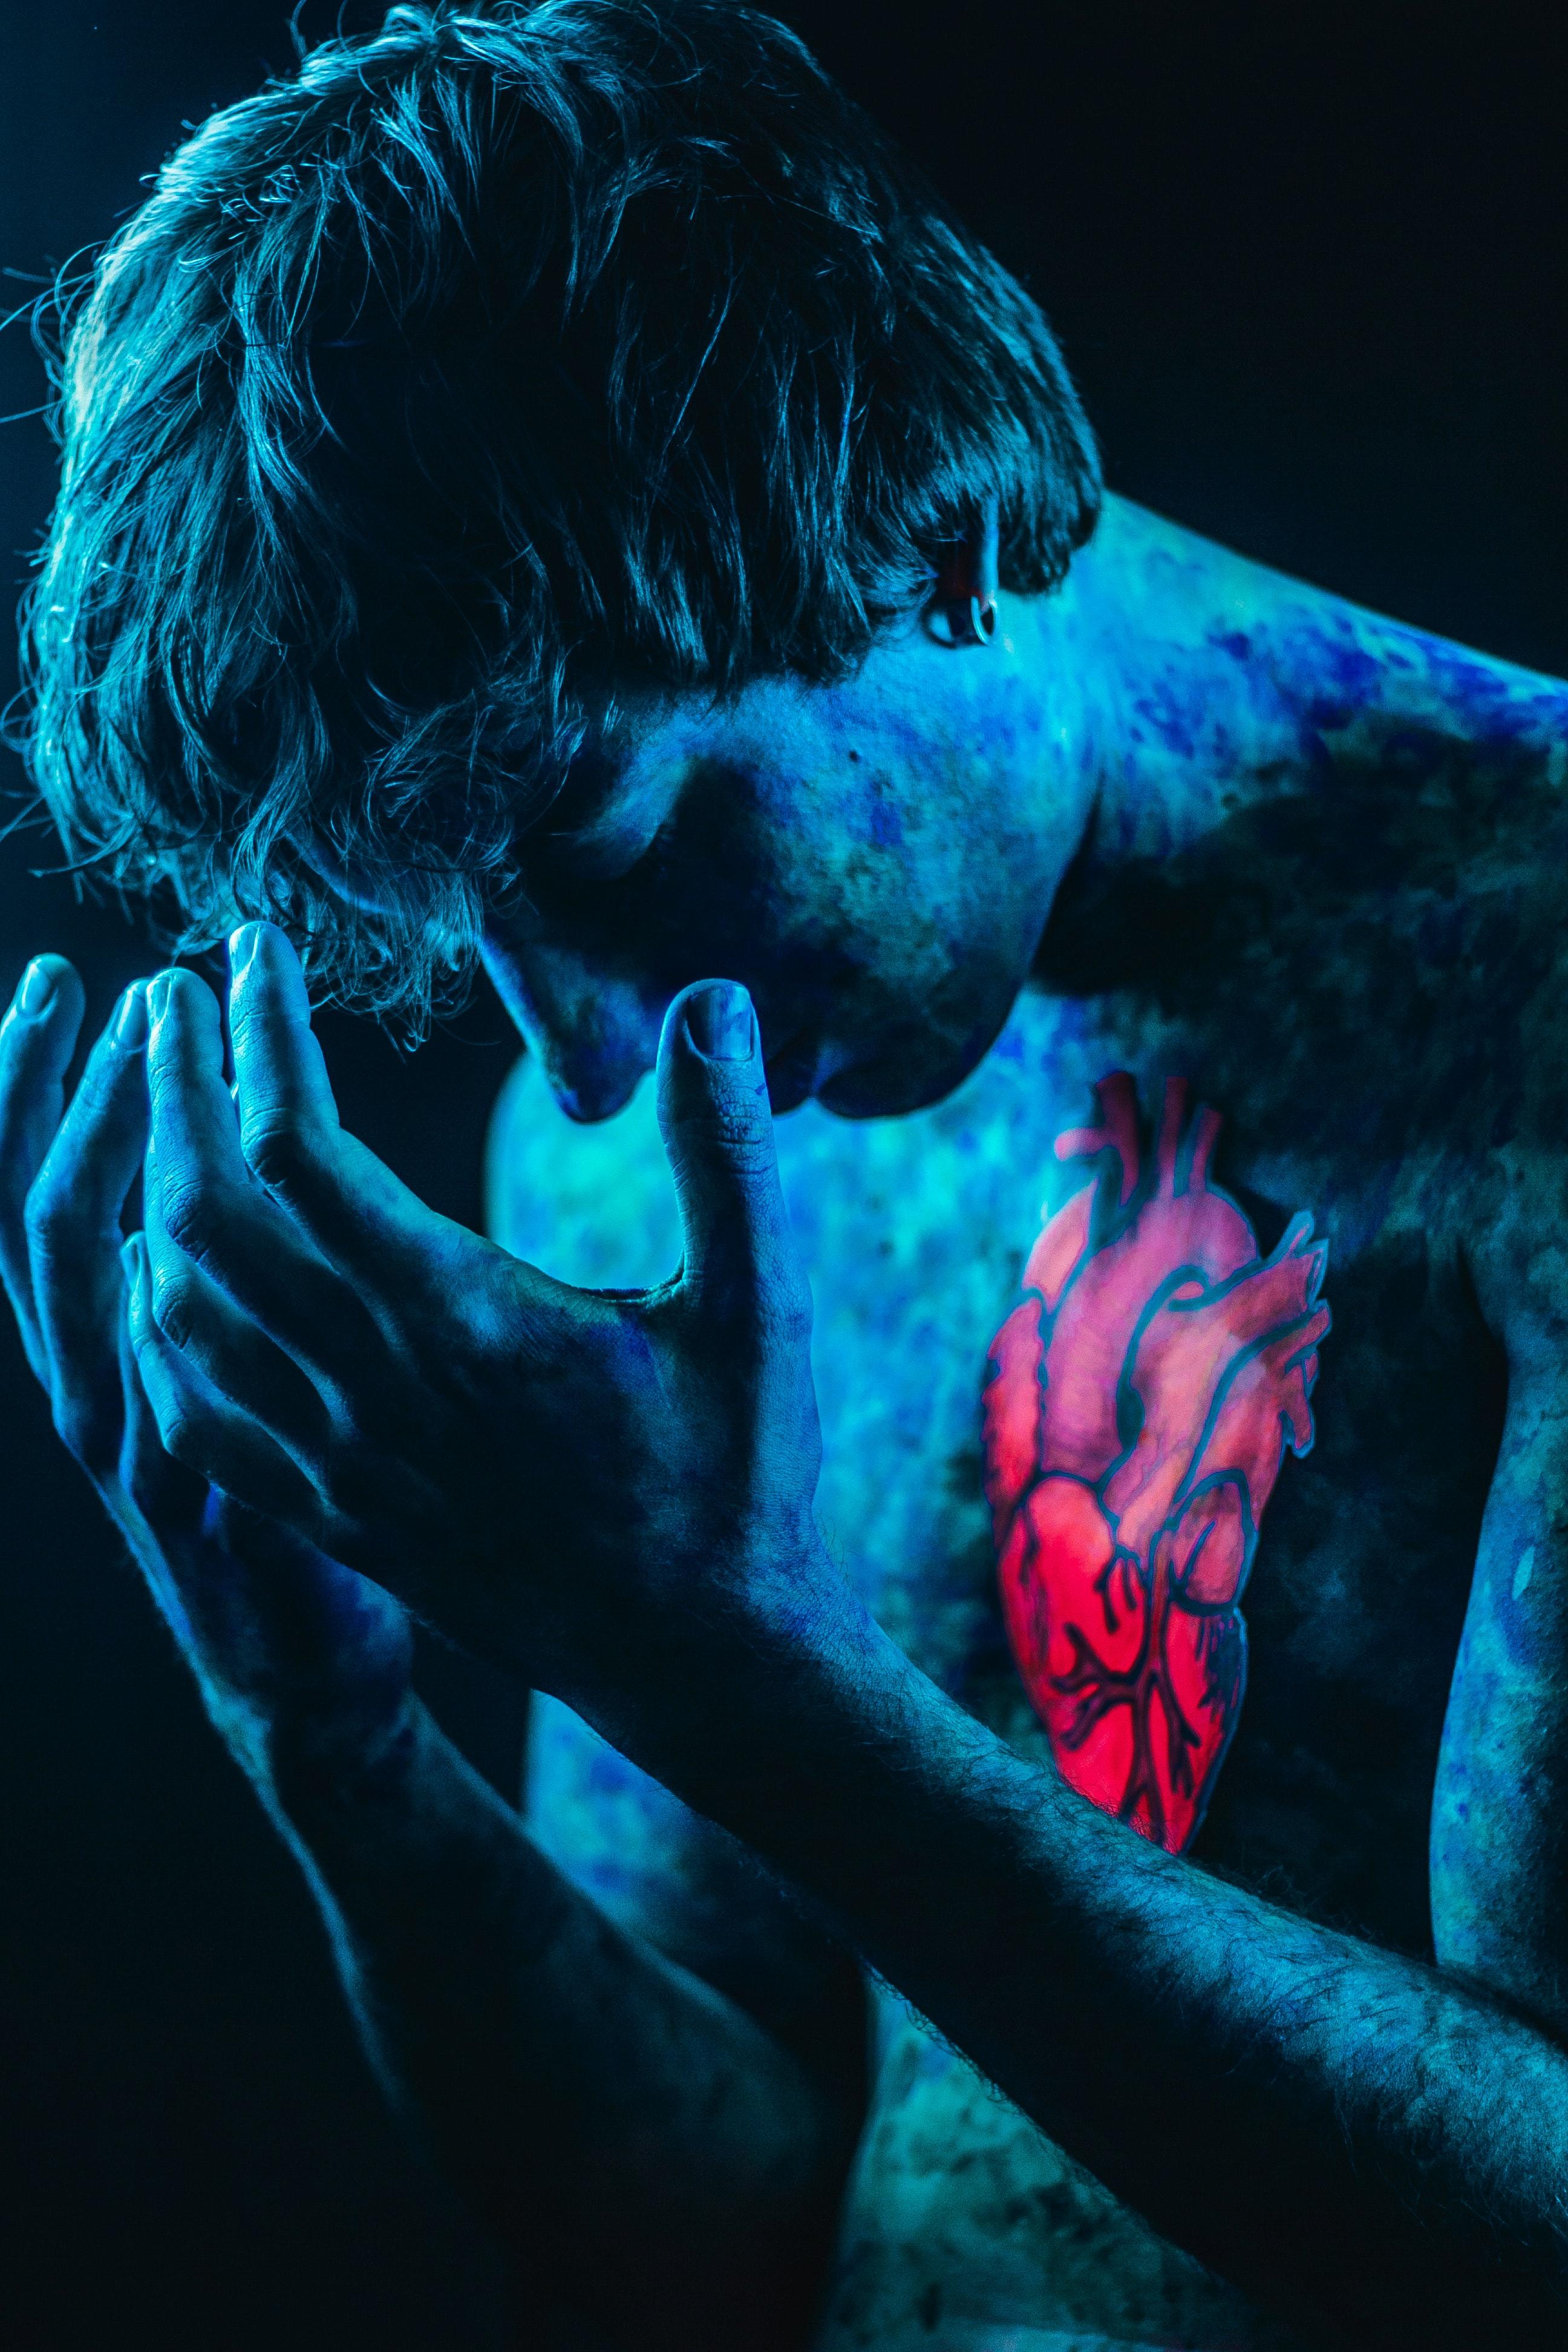 Heart ailment